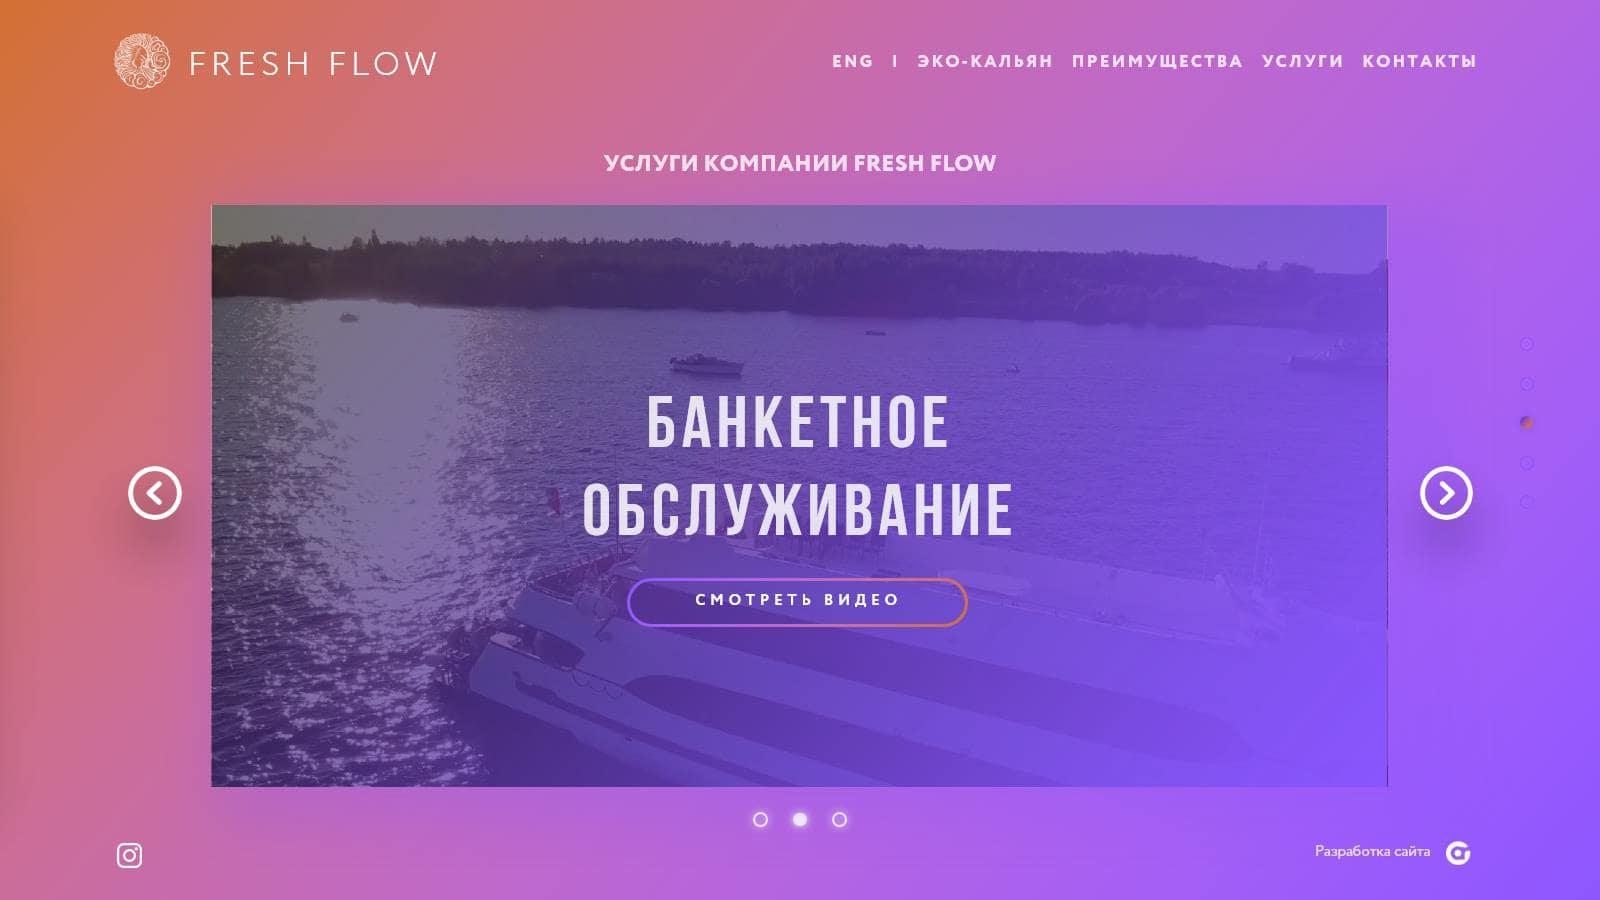 Презентация концепции сайта эко кальянов